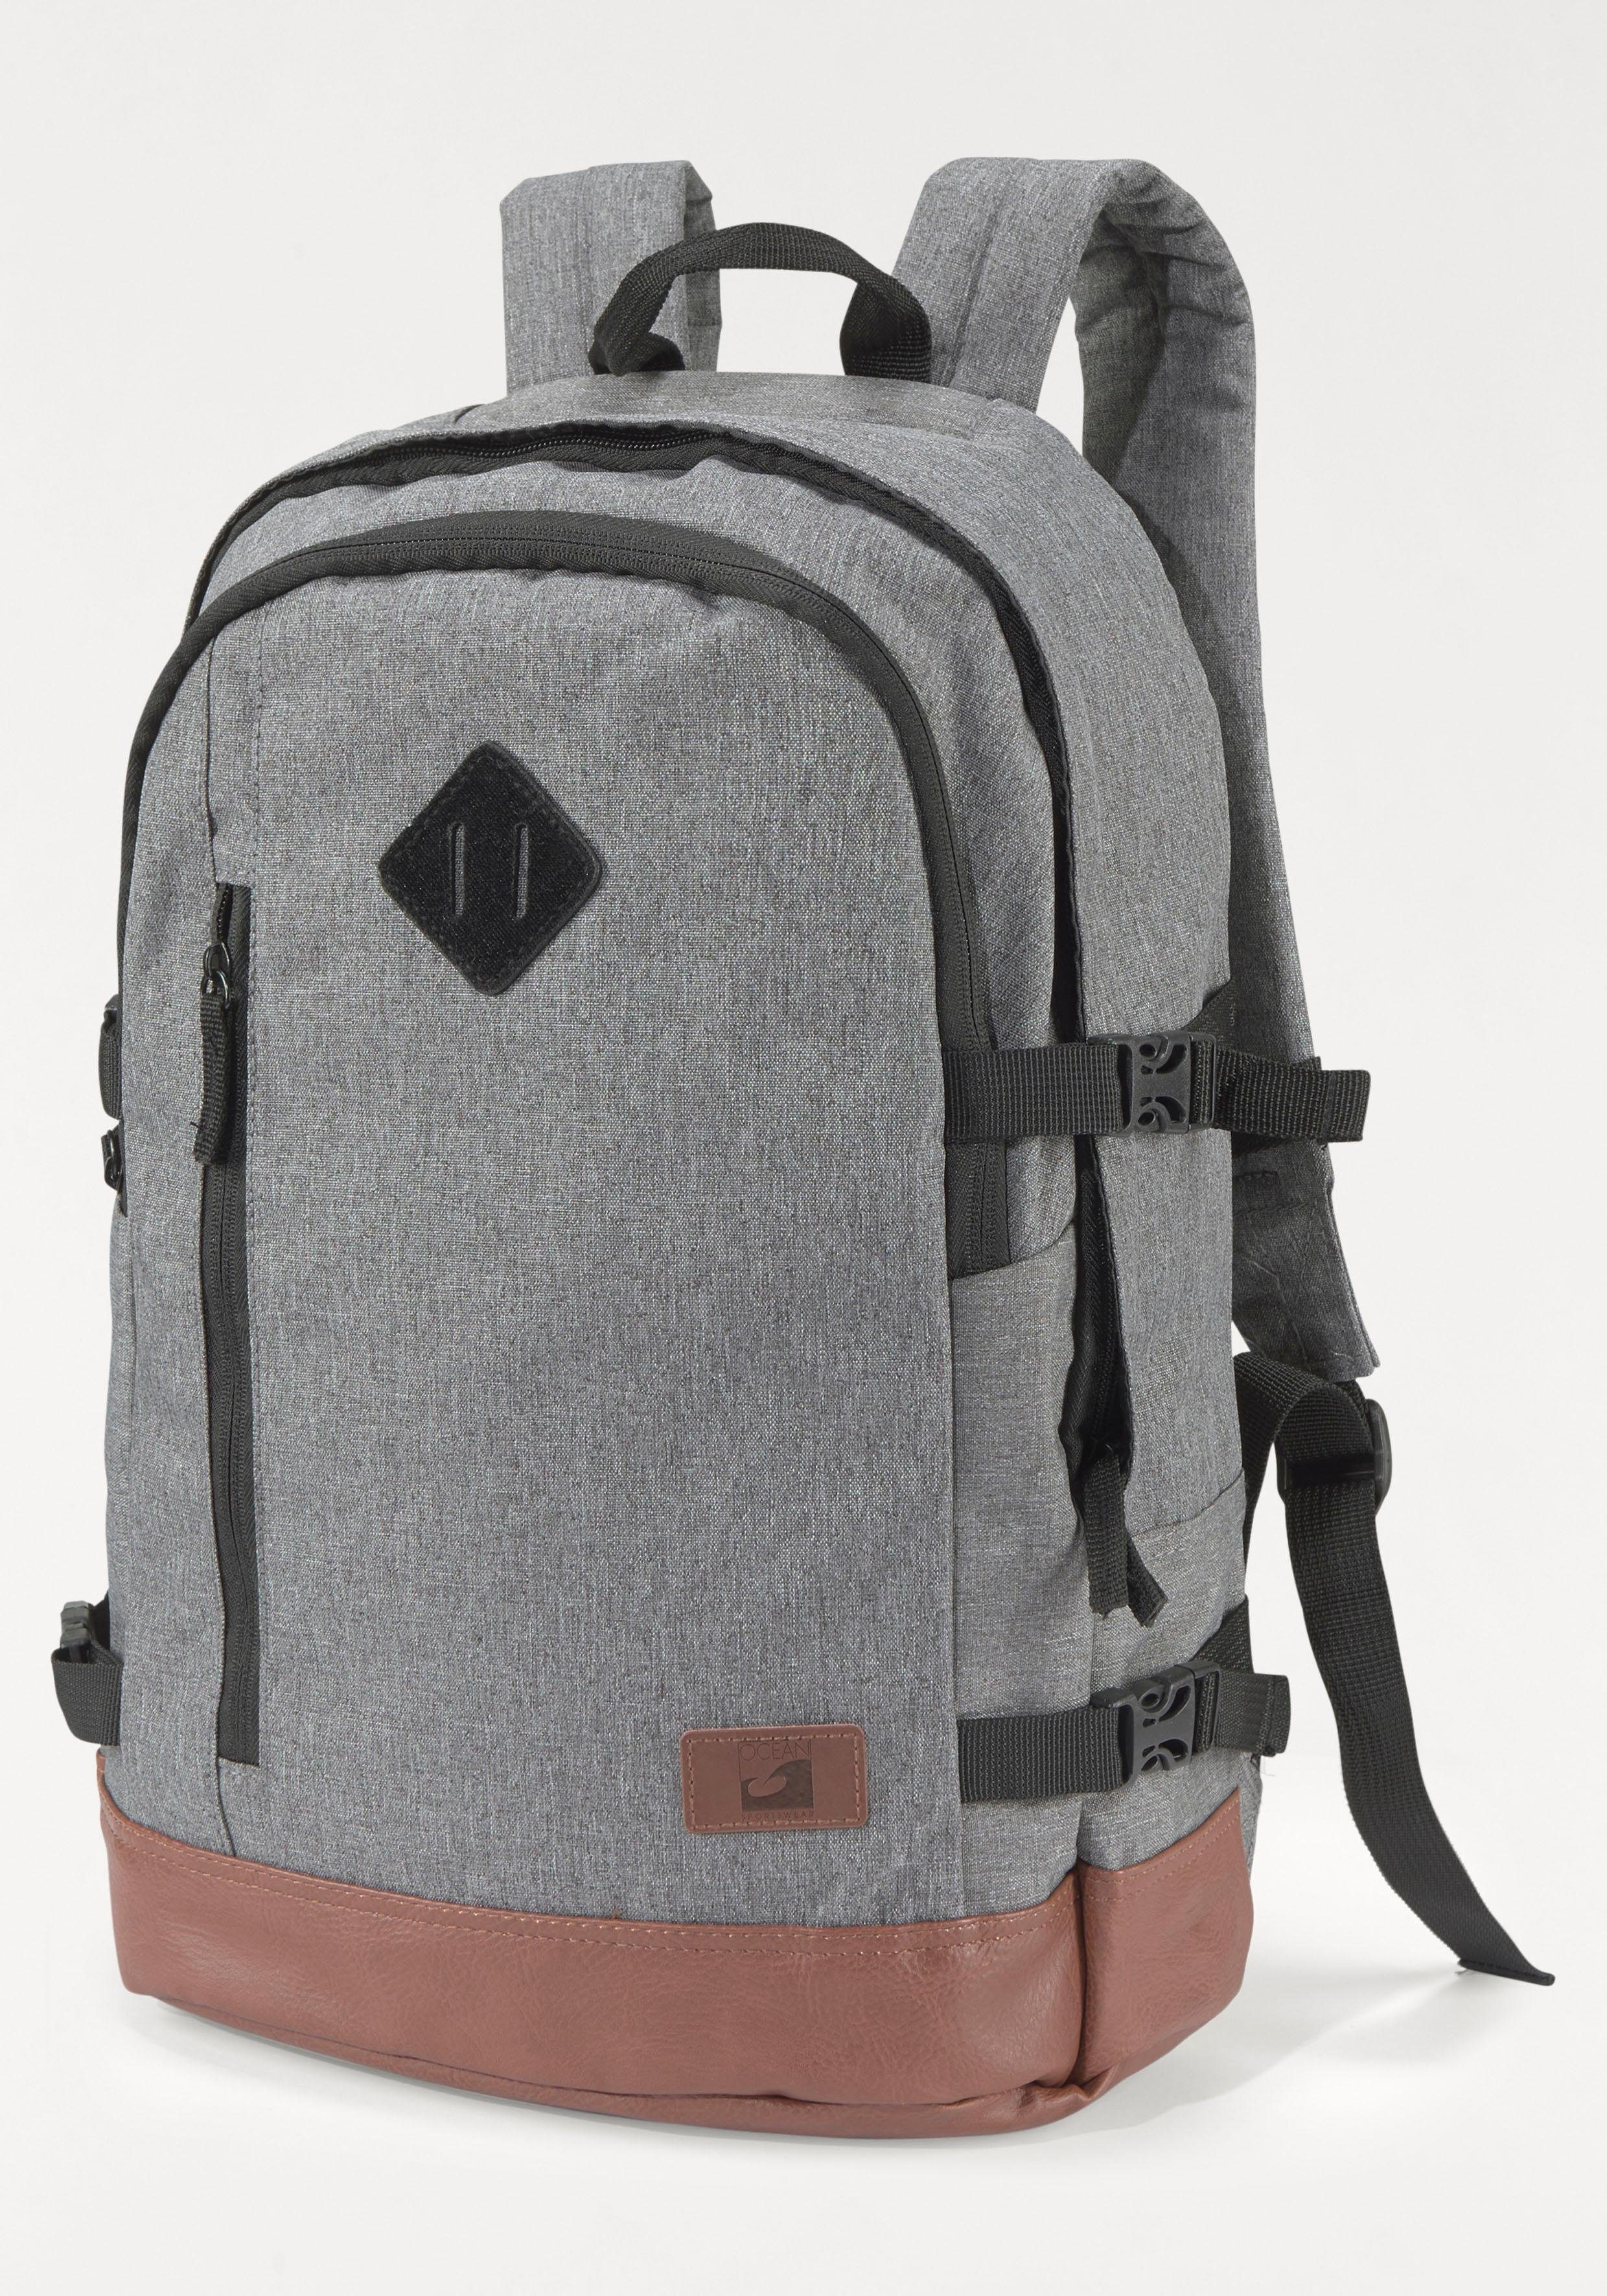 Ocean Sportswear Daypack